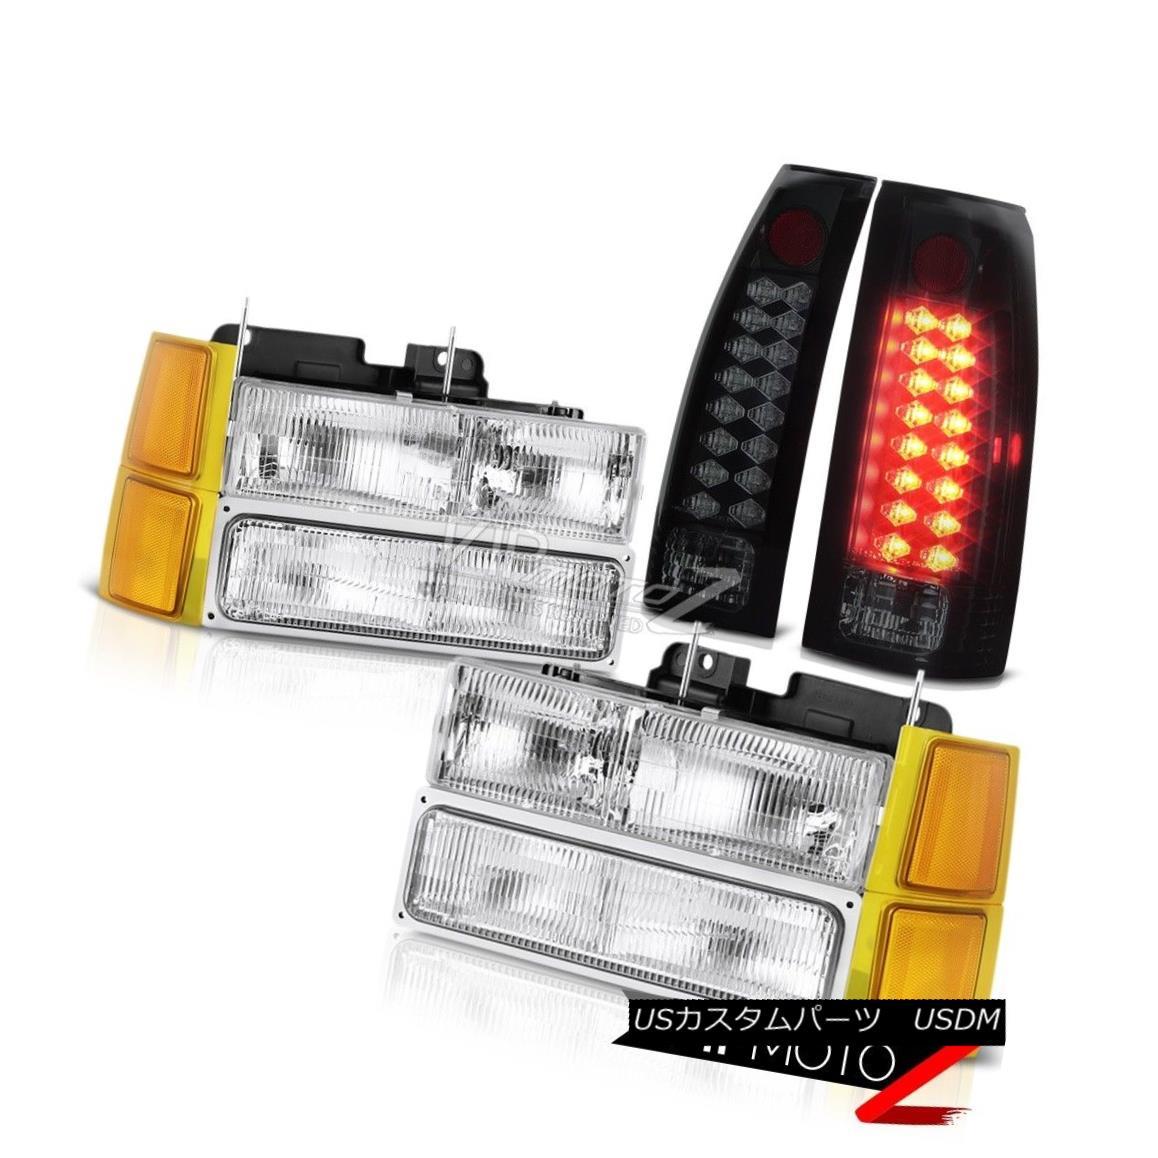 車用品 バイク用品 >> パーツ ライト ランプ 贈答 ヘッドライト 94-98 記念日 Chevy C K Pickup bumper LED KピックアップライトヘッドライトバンパーダークティンテッドテールOEスタイルLED dark Lights OE tail tinted SMD 94-98シボレーC headlamps Style